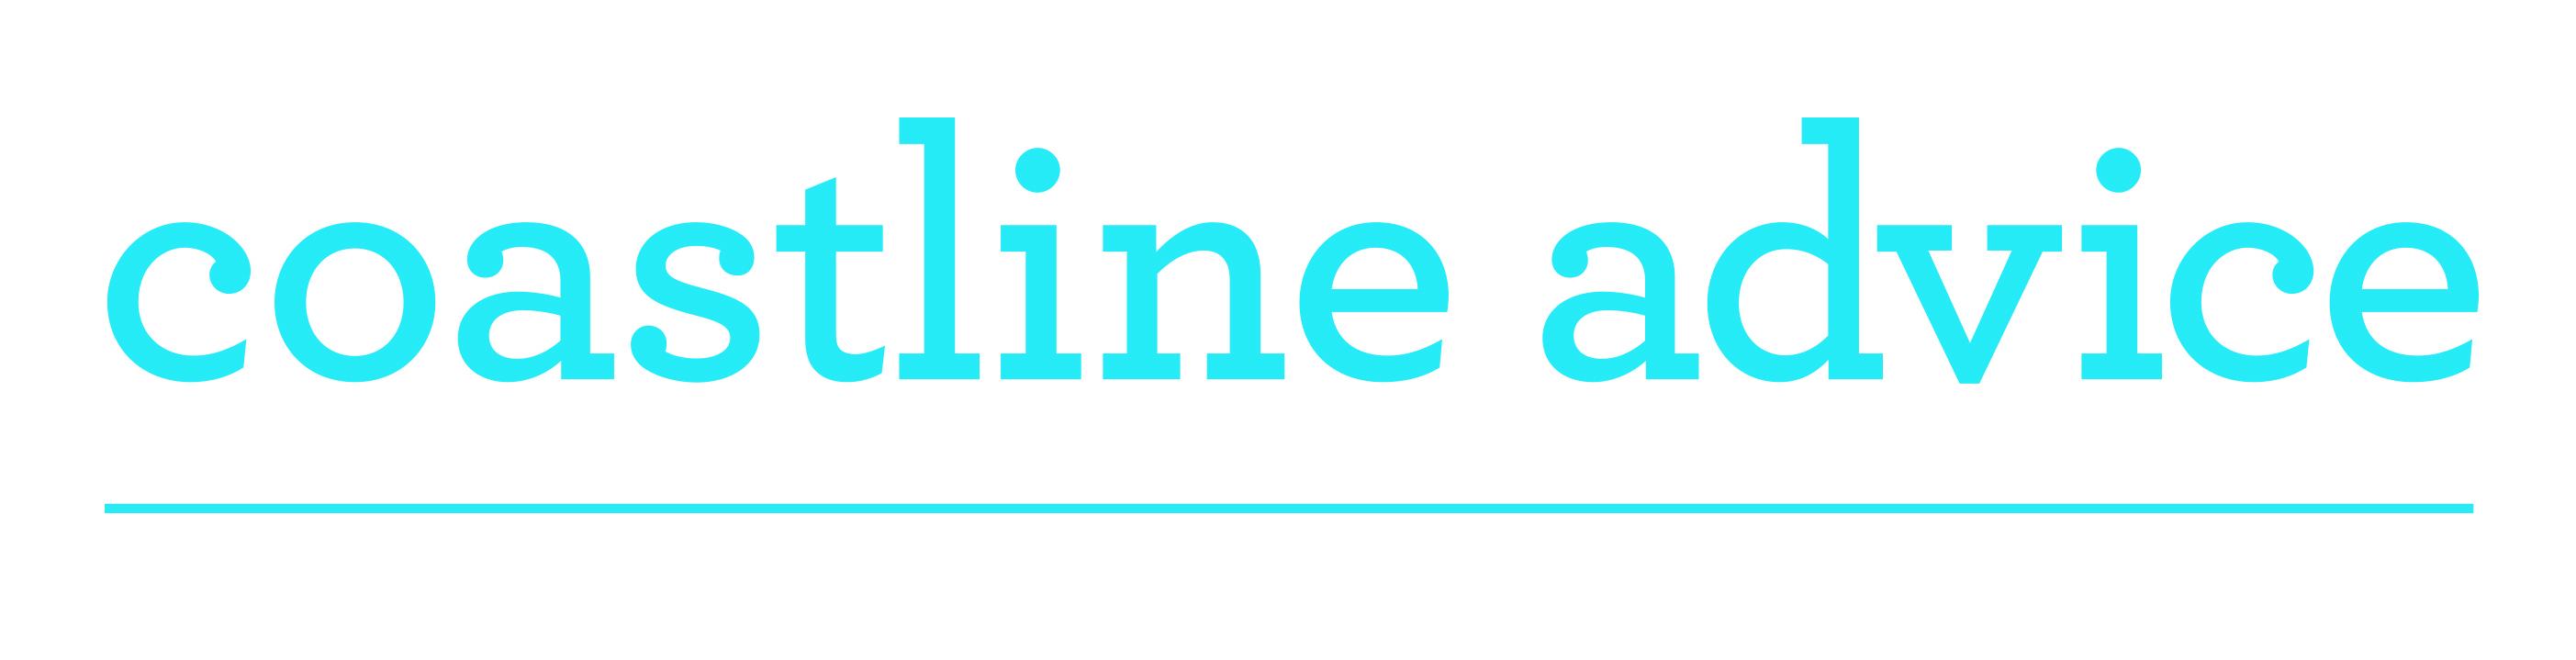 CoastlineAdvice_blue_underline_PRINT.jpg